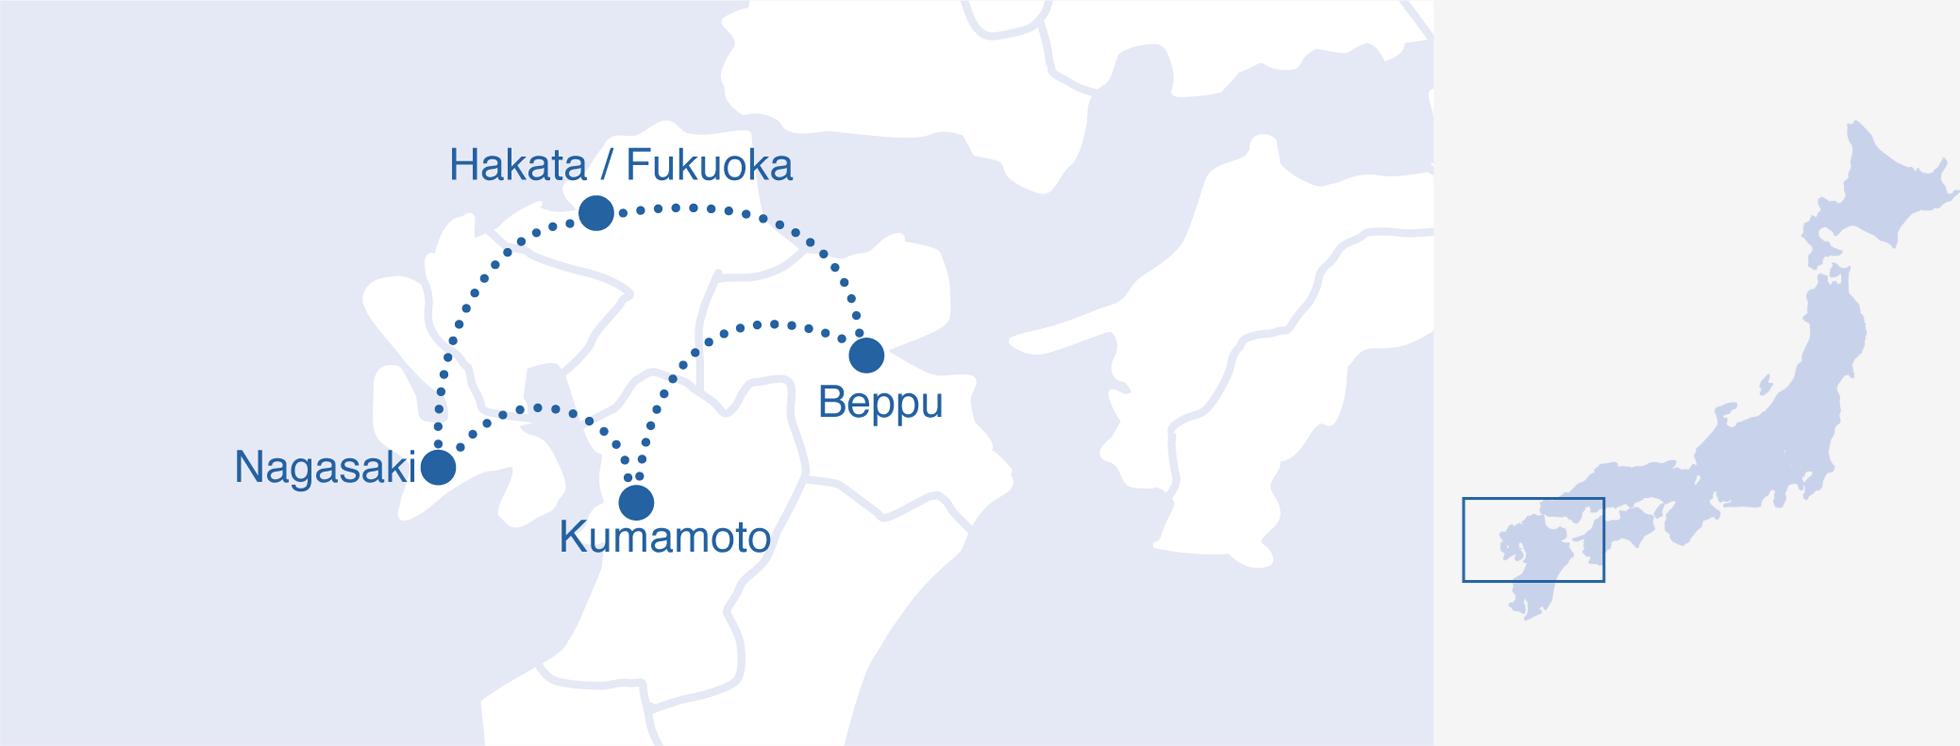 DMC Japan Day Kyushu Tour - Japan map beppu